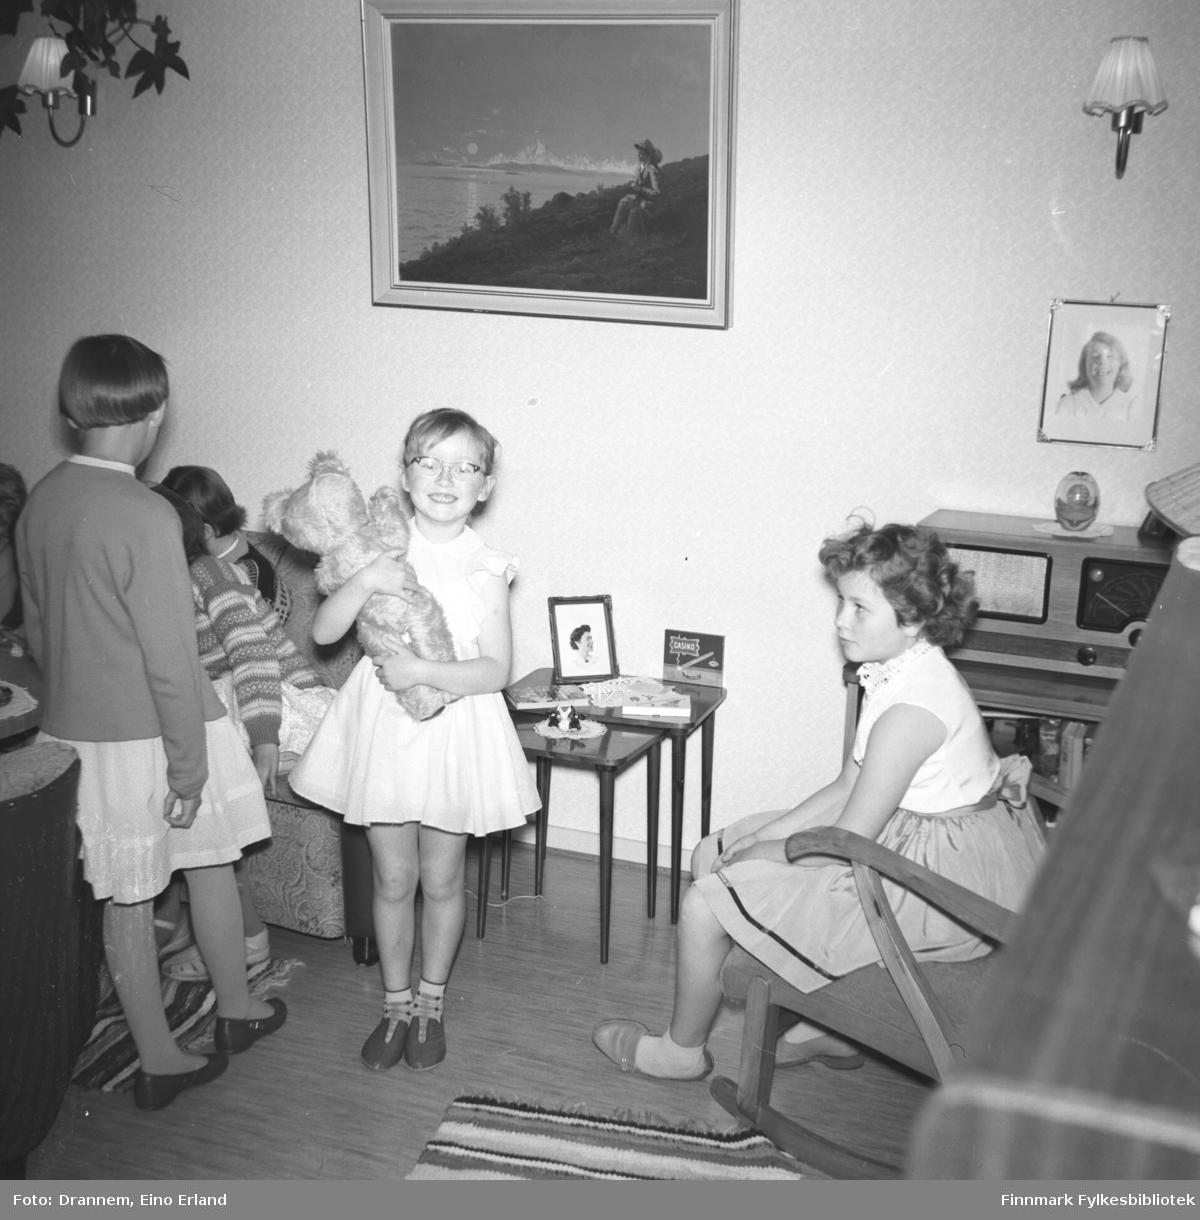 Barn samlet i stuen til familien Drannem i Hammerfest til Turids fødselsdag. Inger Hansen står med en Teddybjørn i armene og Turid sitter i en gyngestol.